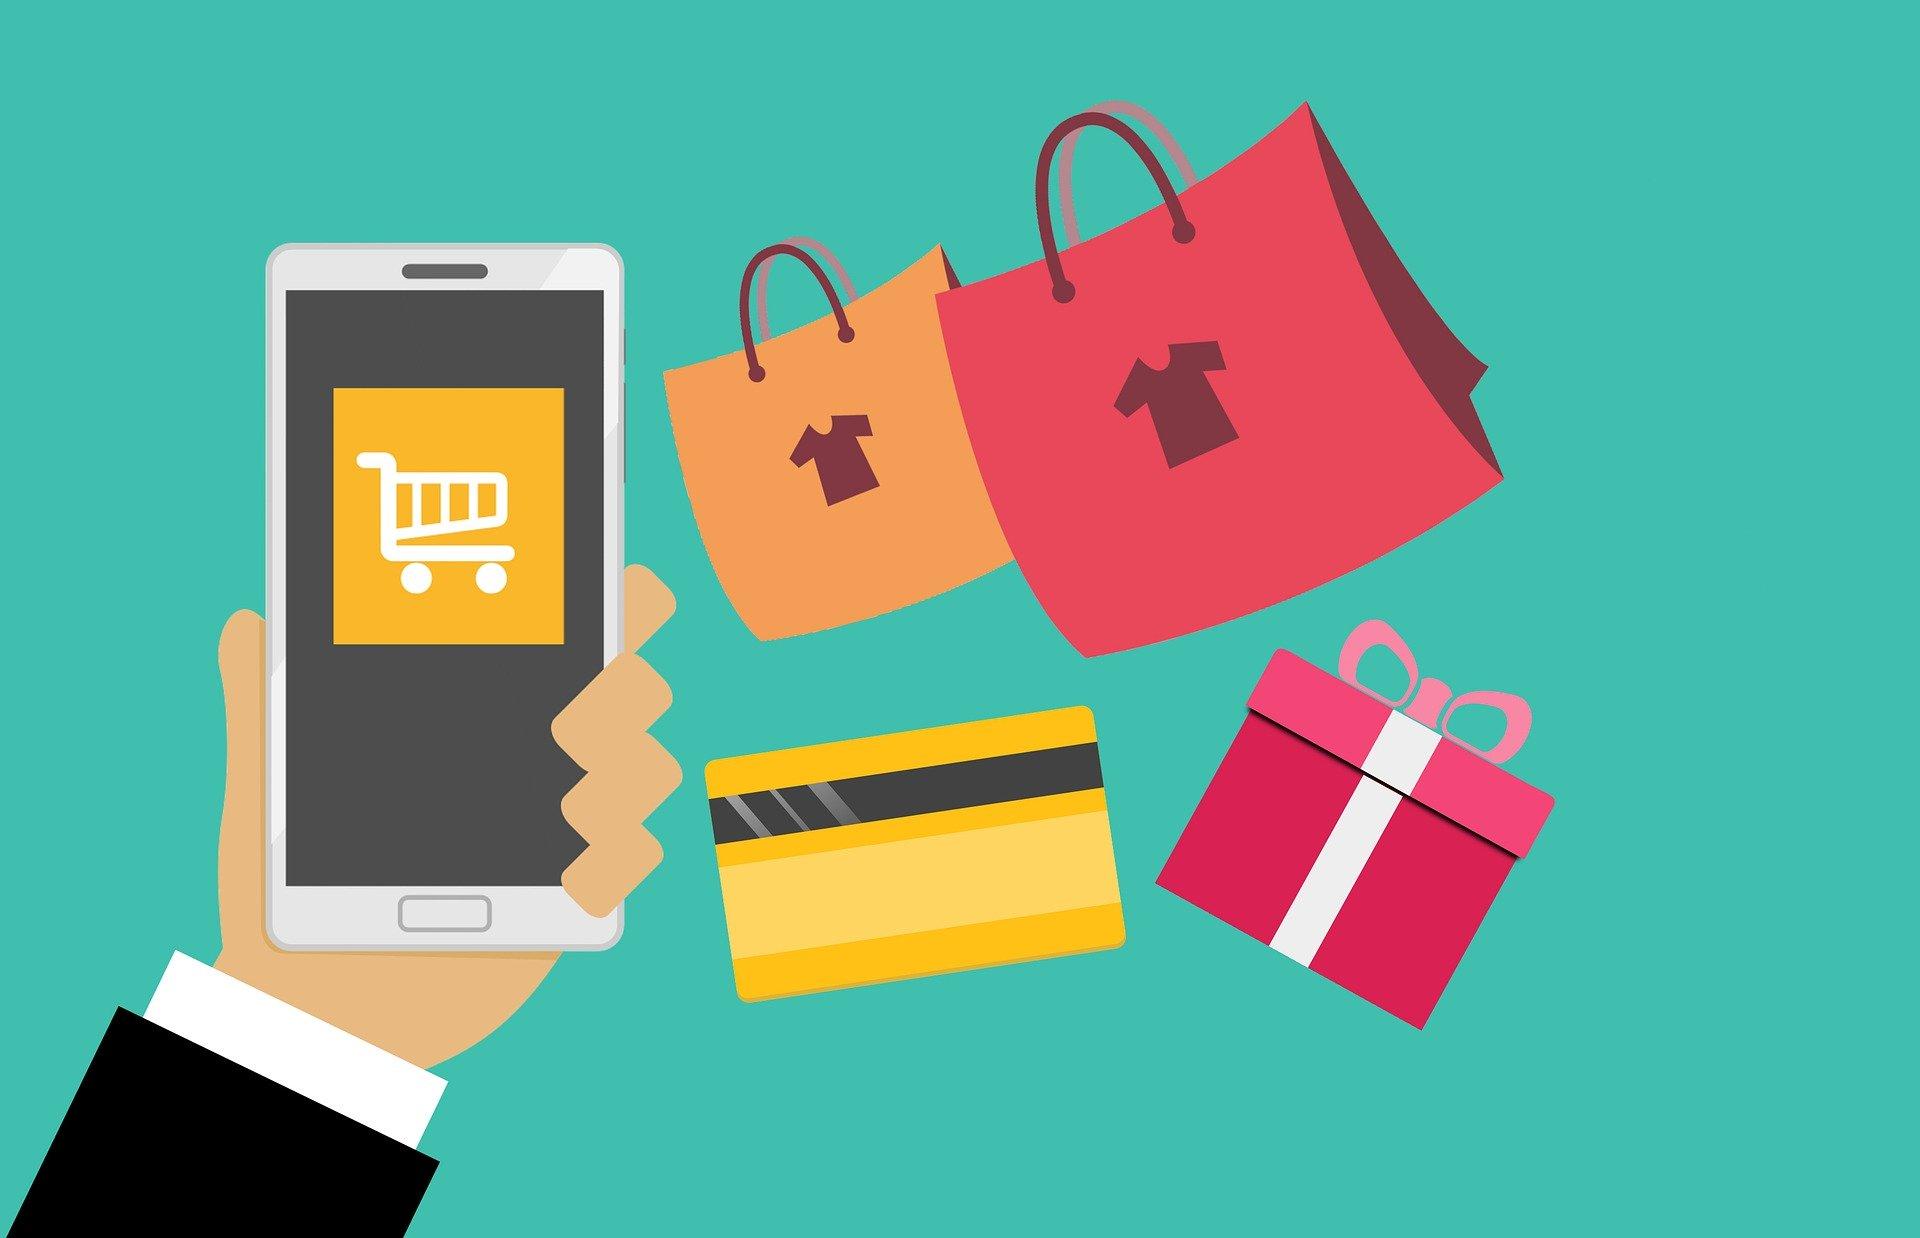 La fidelity card come strumento di fidelizzazione e profilazione anche per fini marketing